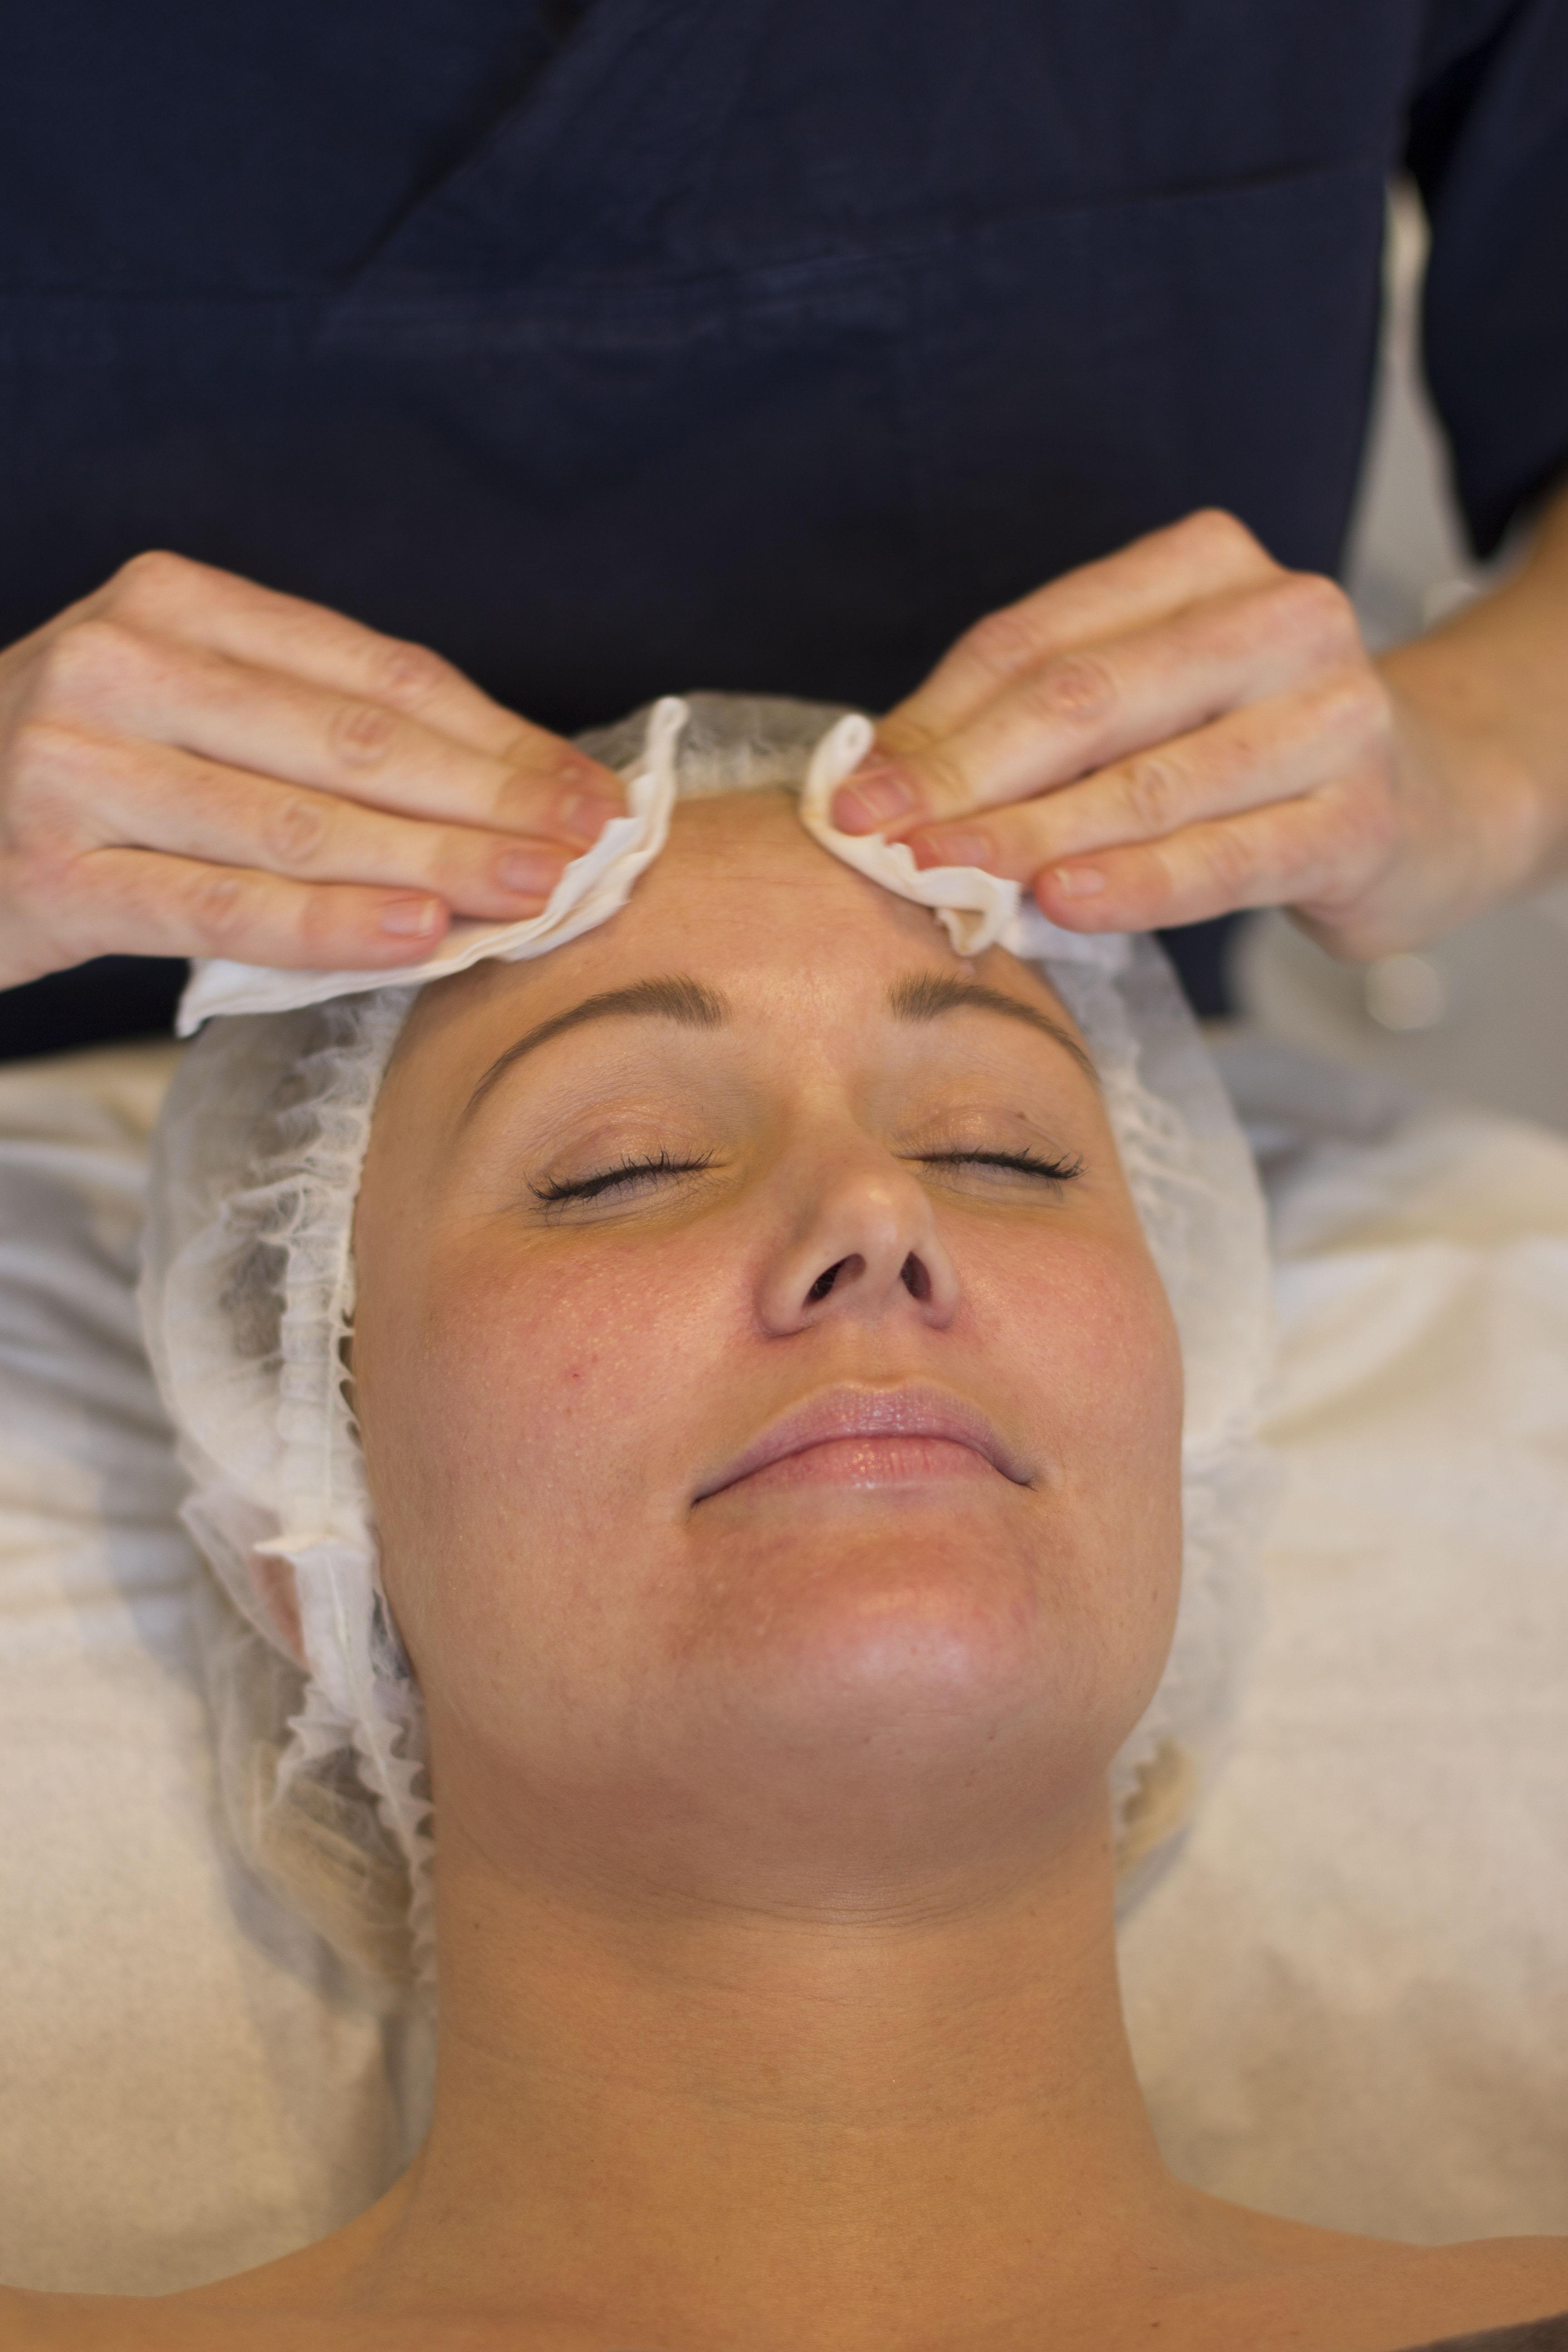 ansigtsbehandling acne